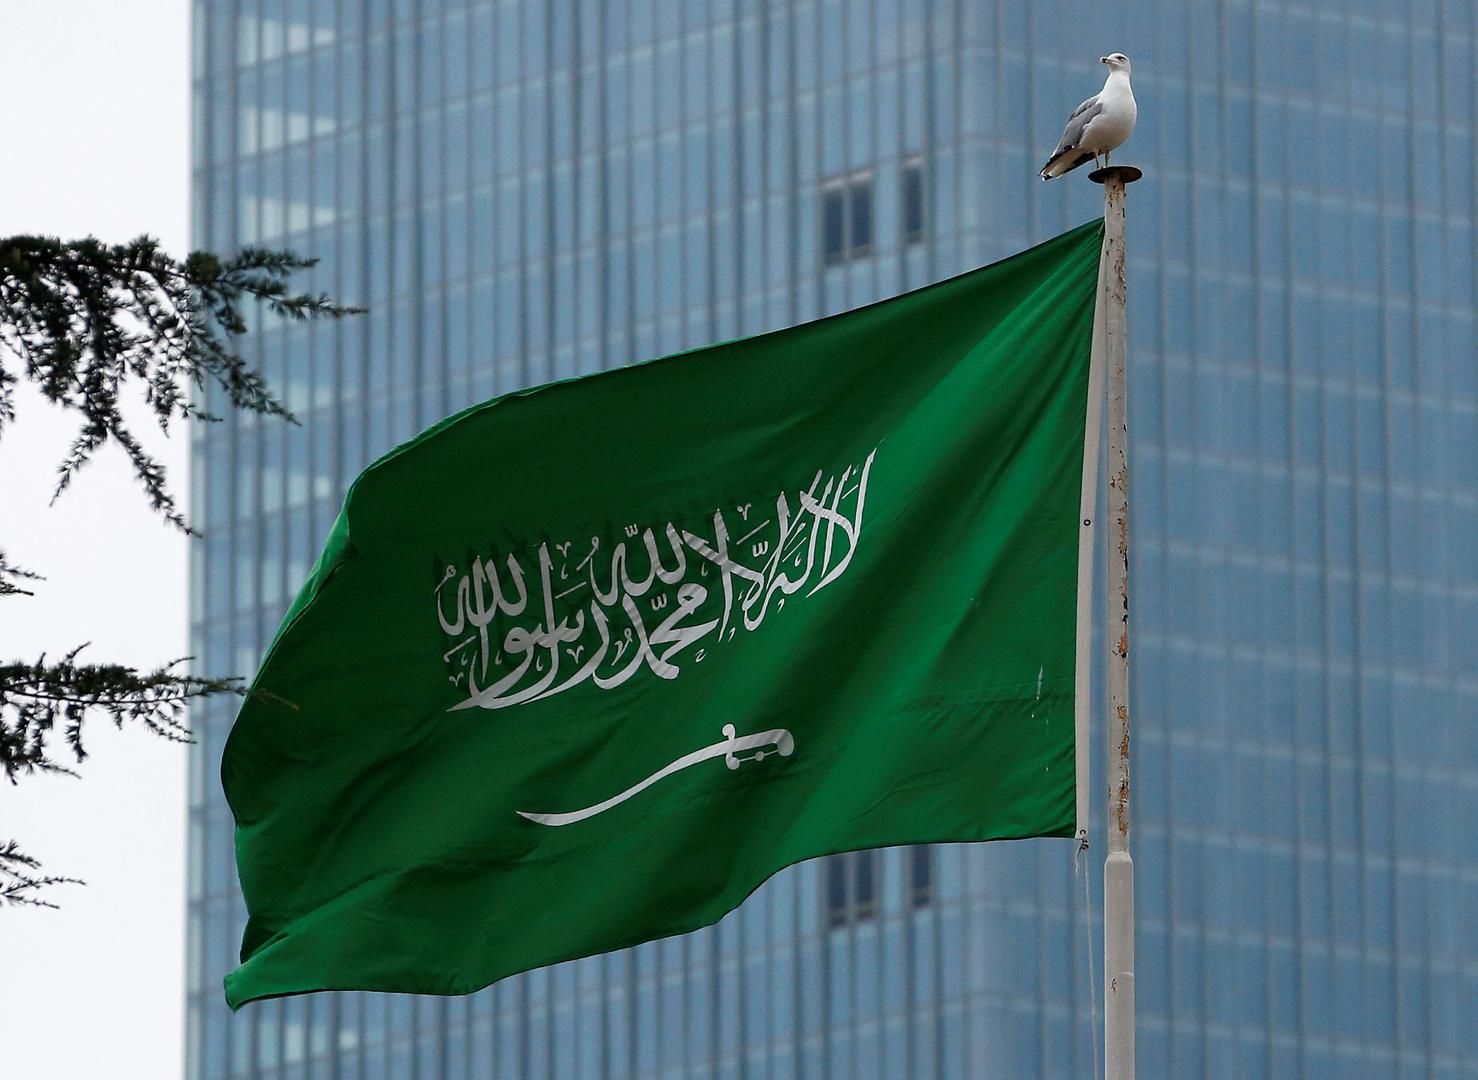 السعودية تحبط بالتعاون مع الكويت تهريب كمية كبيرة من المخدرات إلى المملكة (صور)